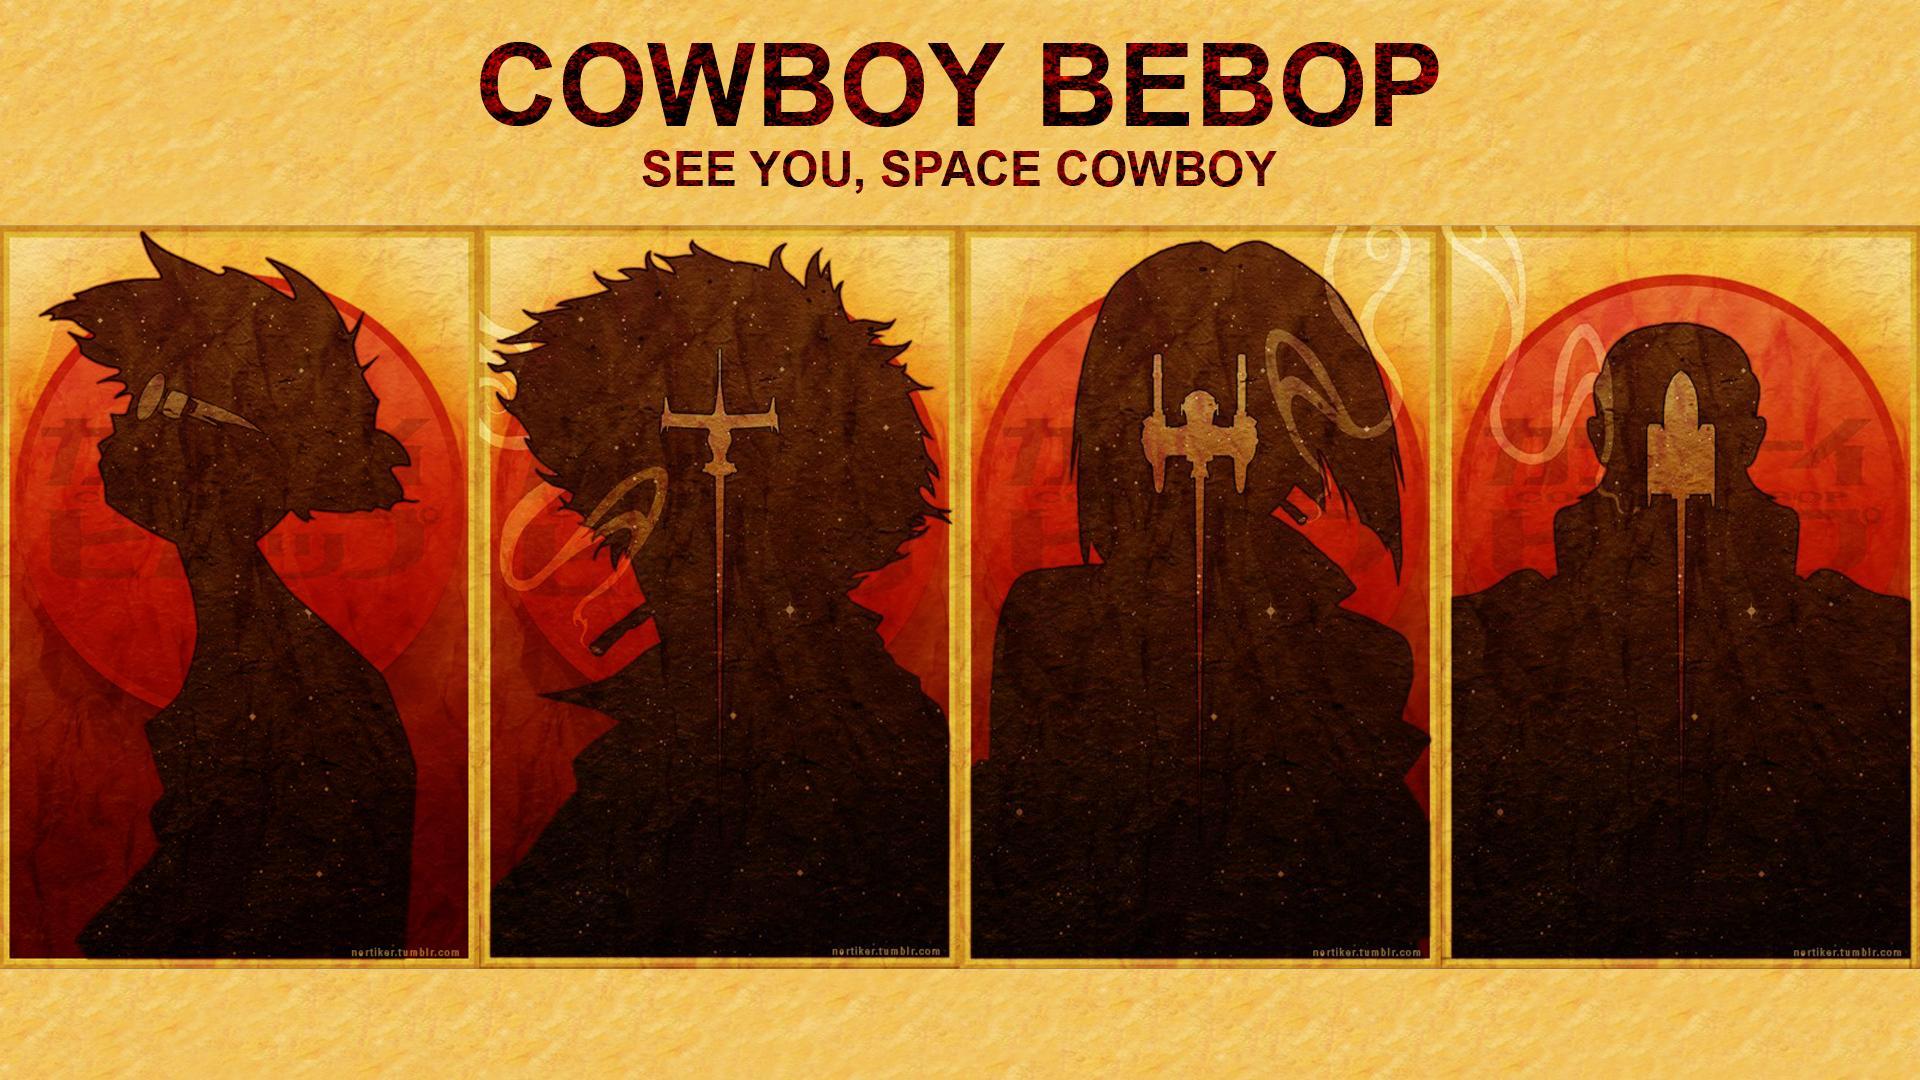 Cowboy-Bebop-by-Shinichiro-Watanabe-wallpaper-wp3404243